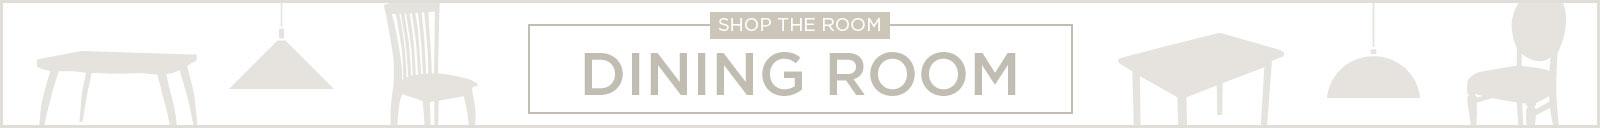 Shop Dining Room Ideas